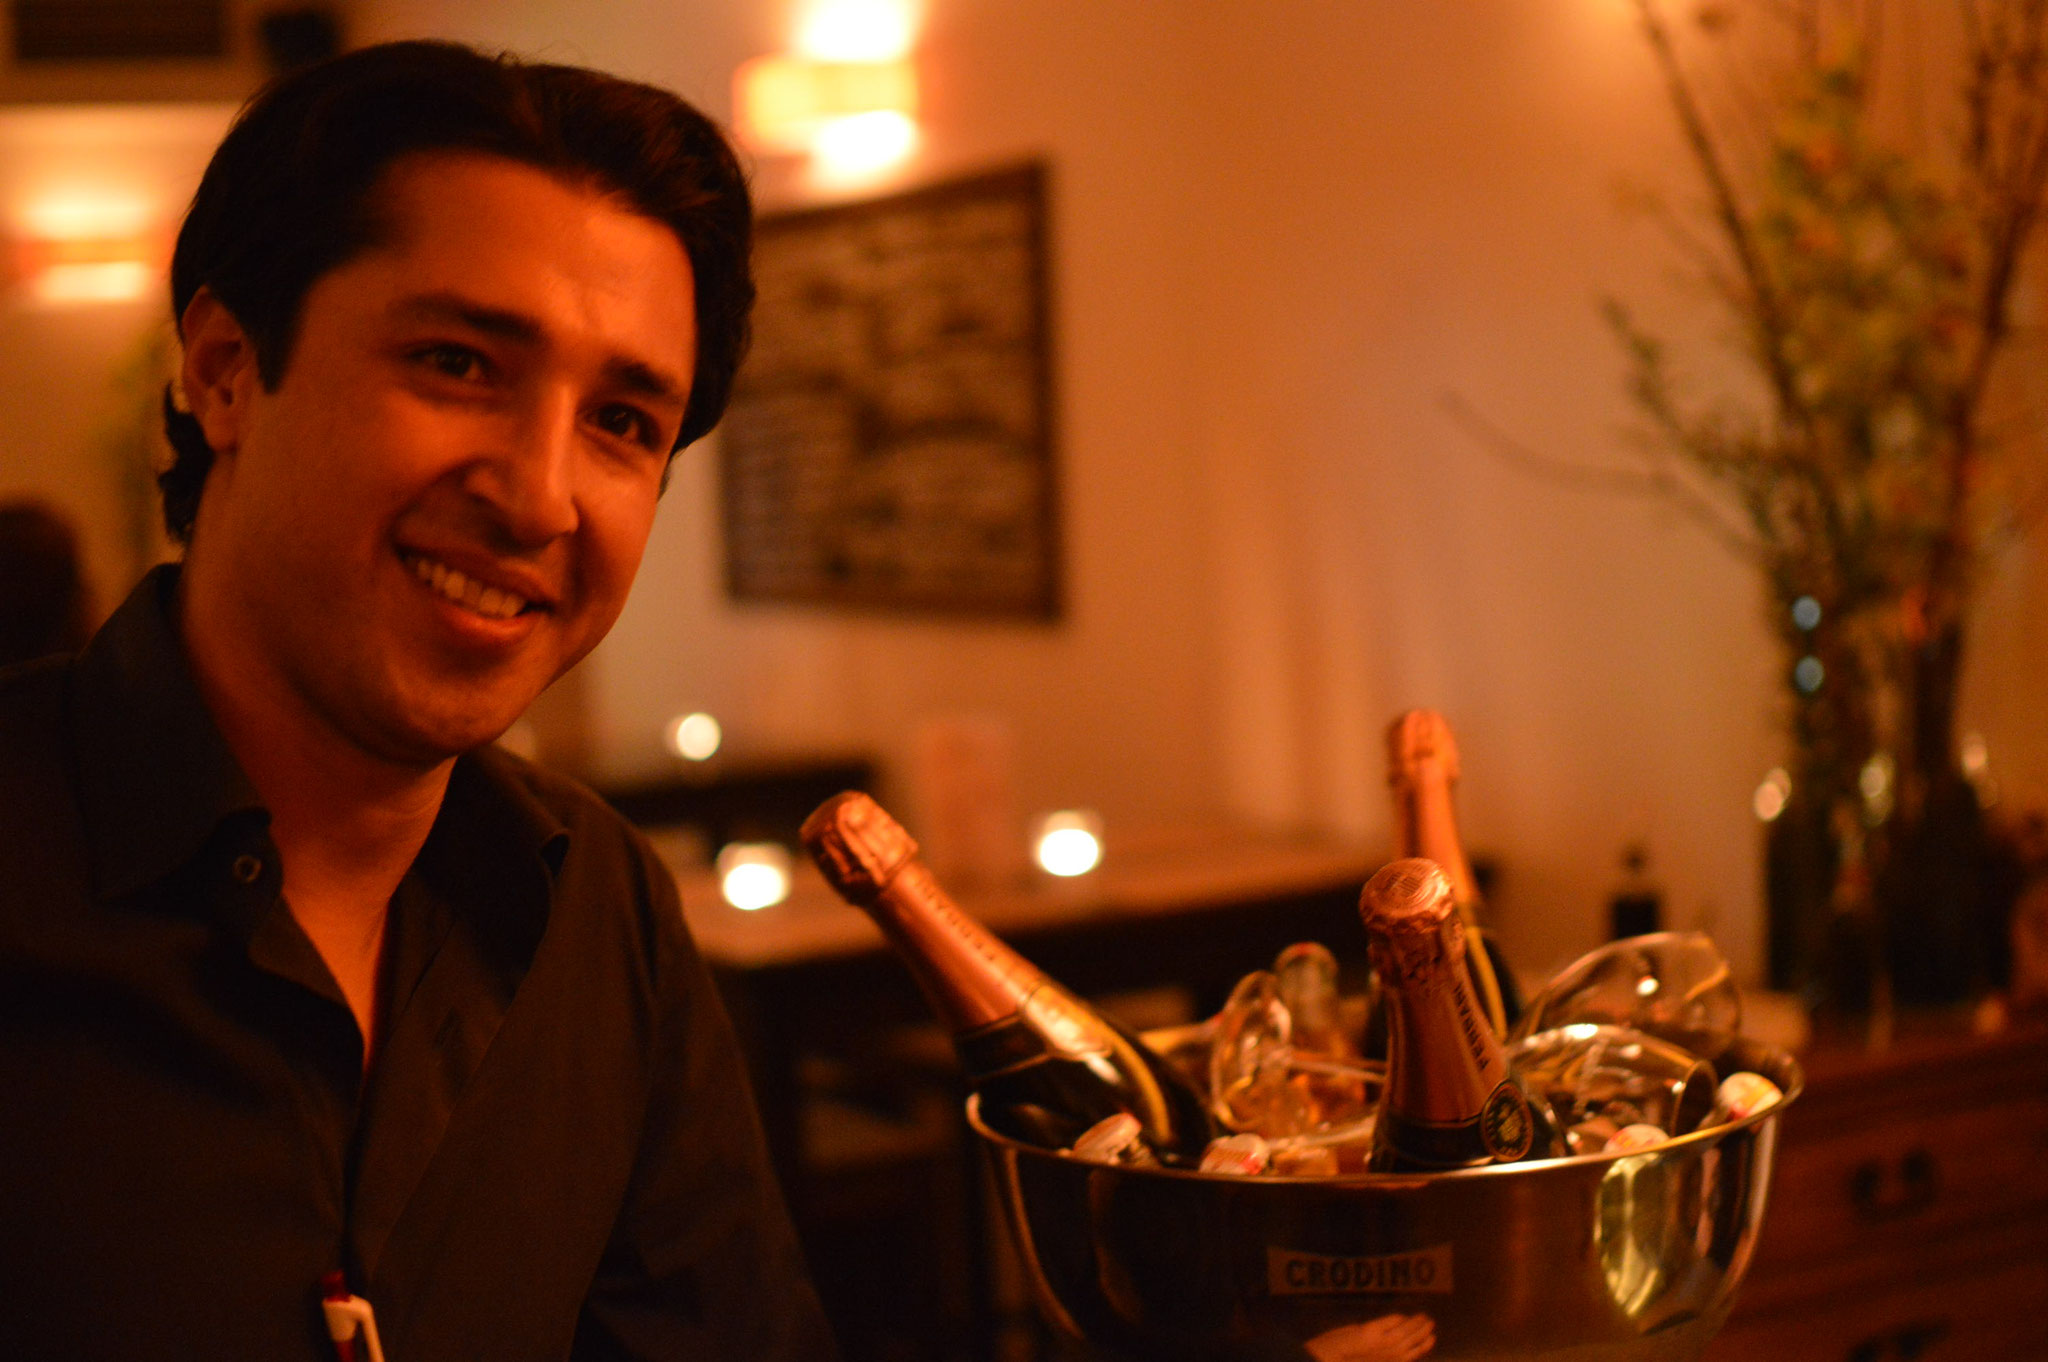 Hassa Kohestani - Gründer und Betreiber des Restaurants